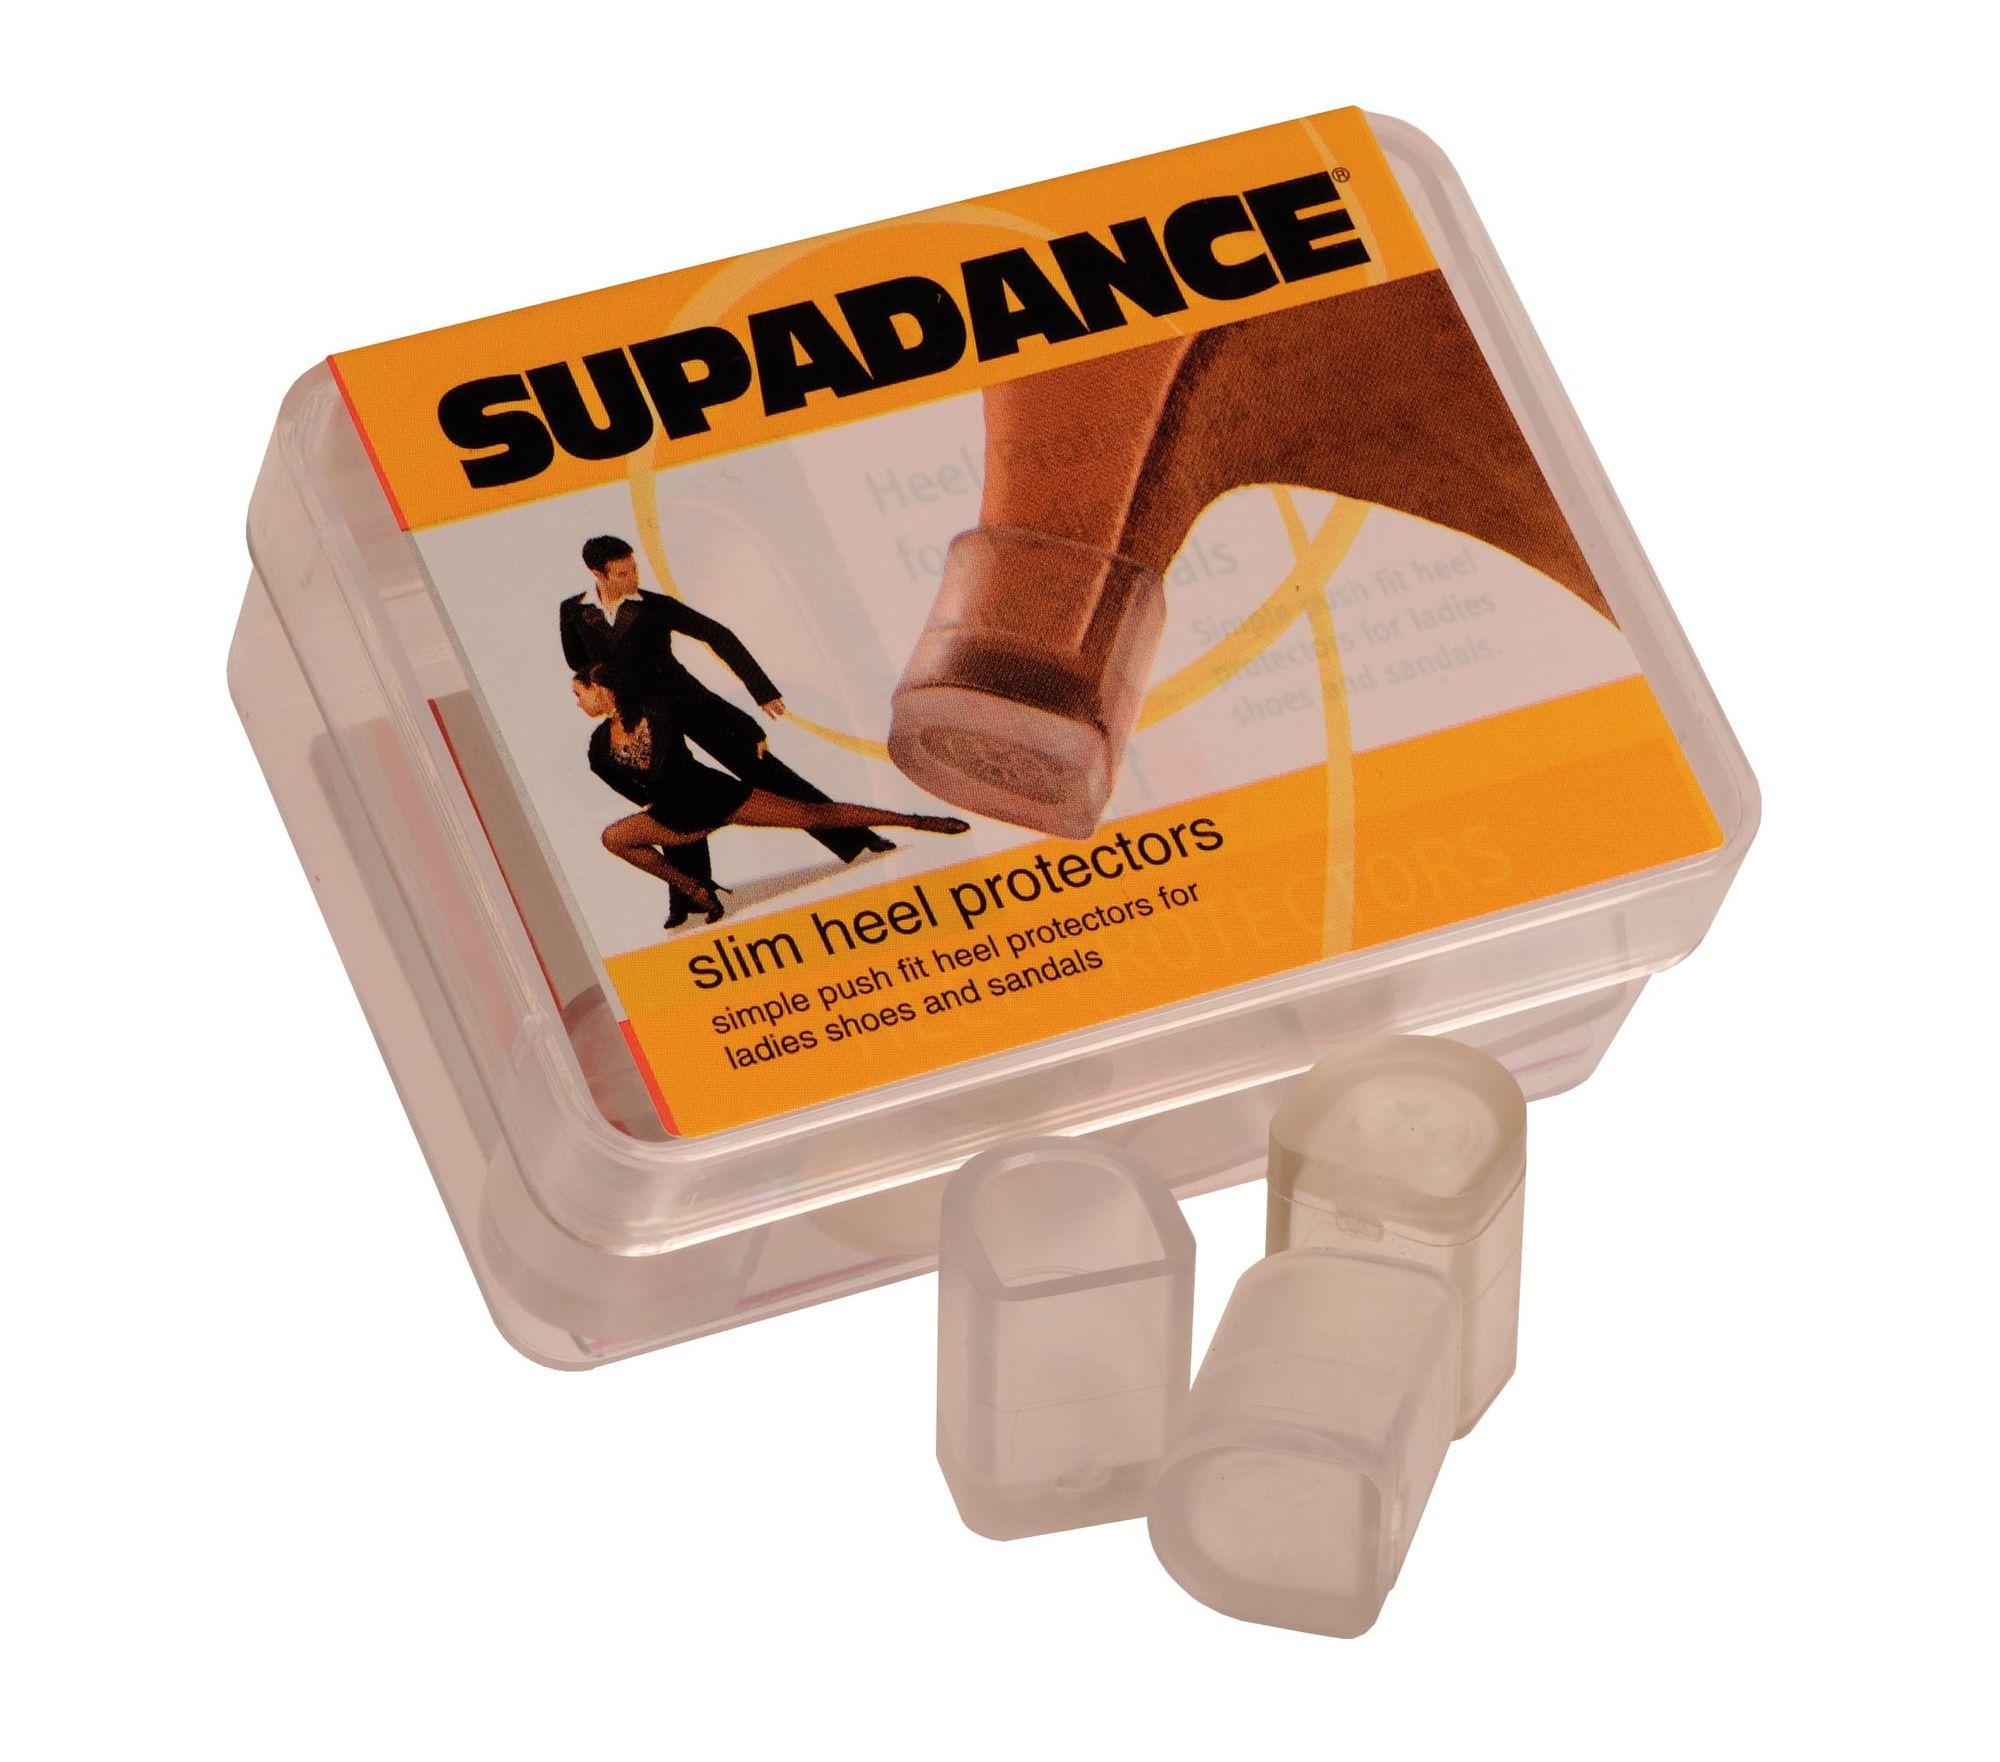 Supadance Slim Heel Protectors